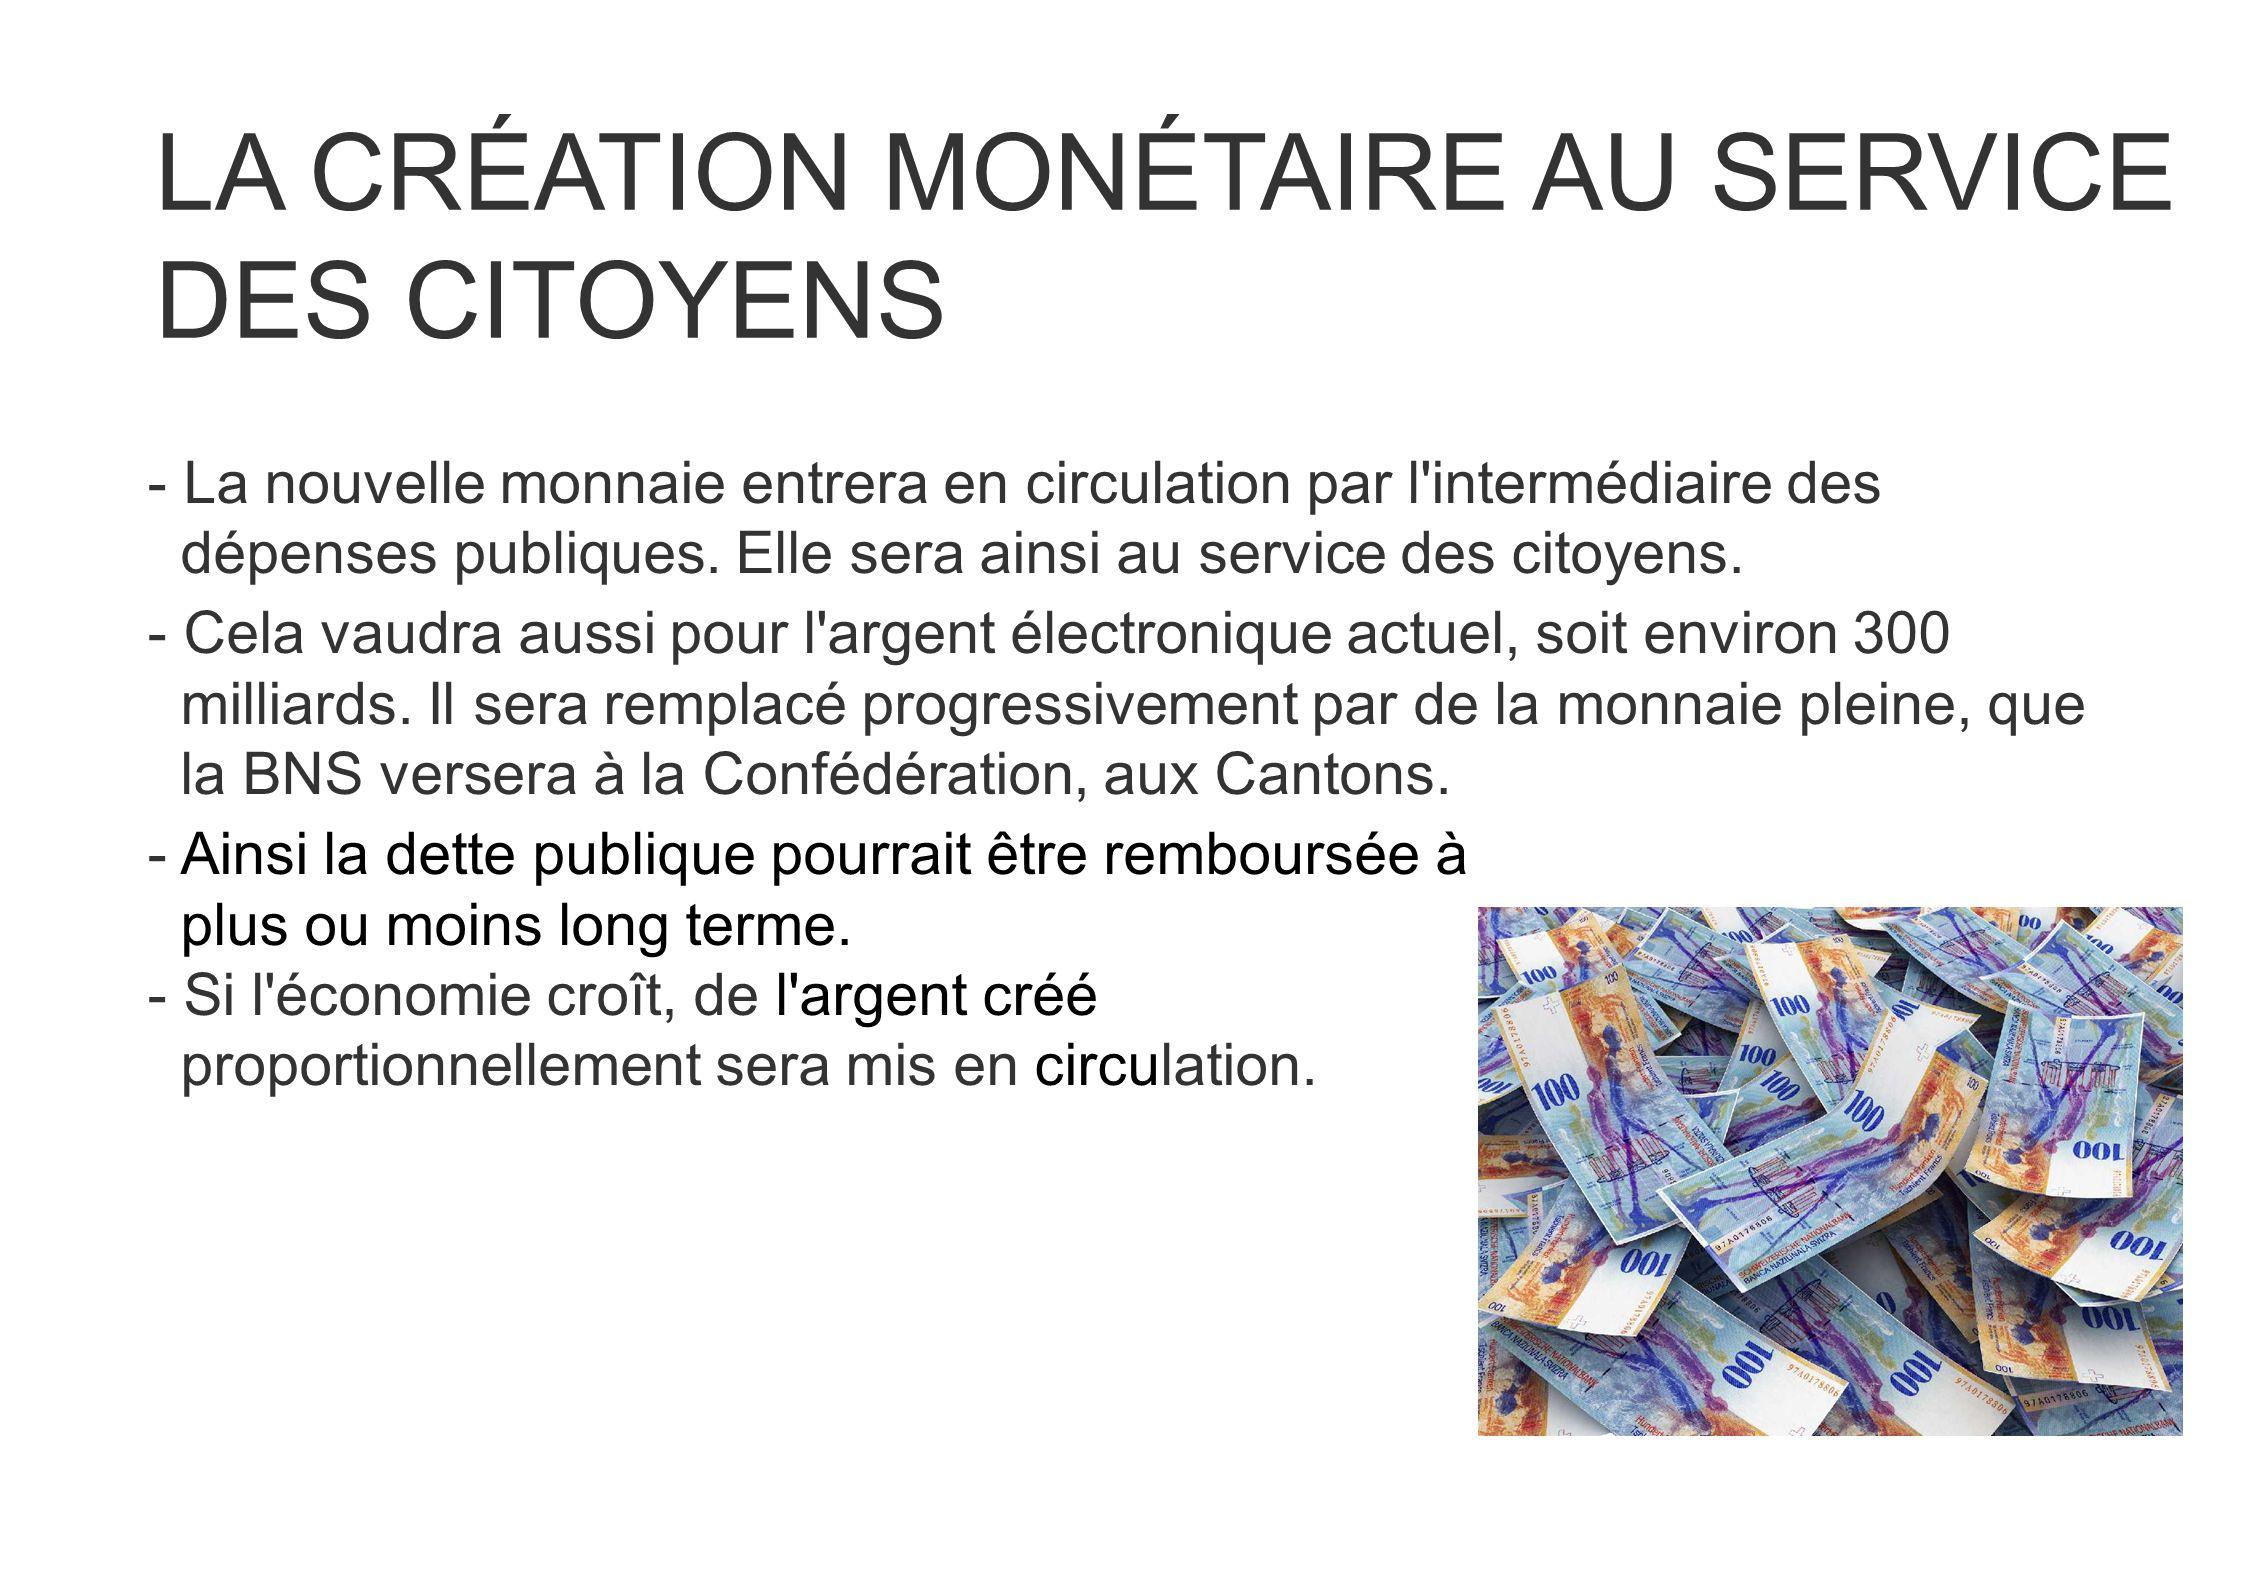 - La nouvelle monnaie entrera en circulation par l'intermédiaire des dépenses publiques. Elle sera ainsi au service des citoyens. - Cela vaudra aussi